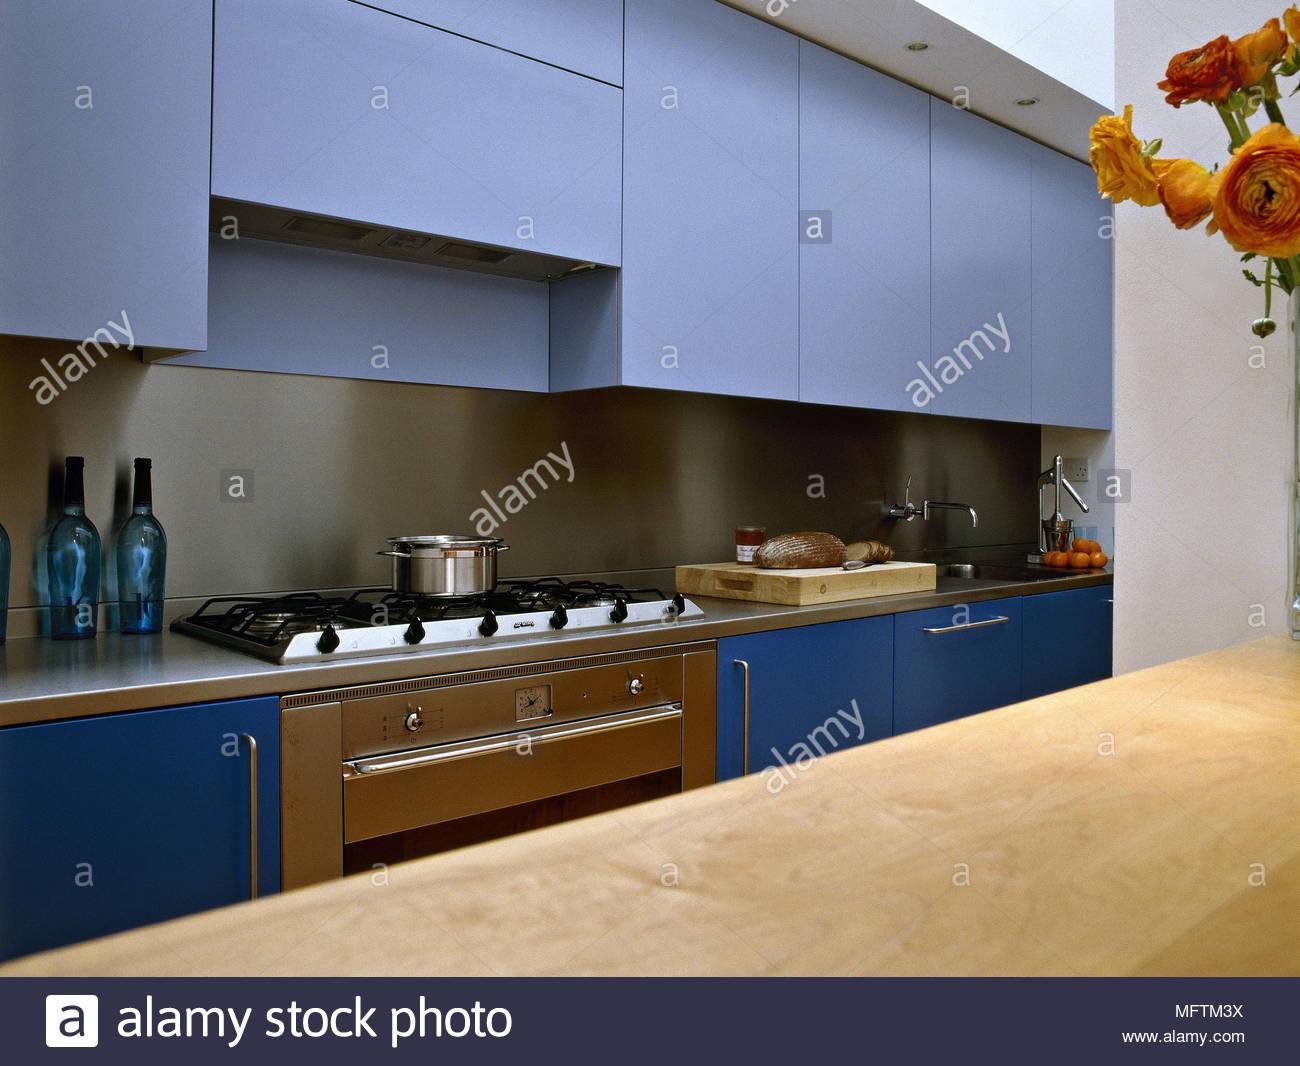 Credenza Con Forno : Una cucina moderna con armadi blu lavori in legno di gamma superiore